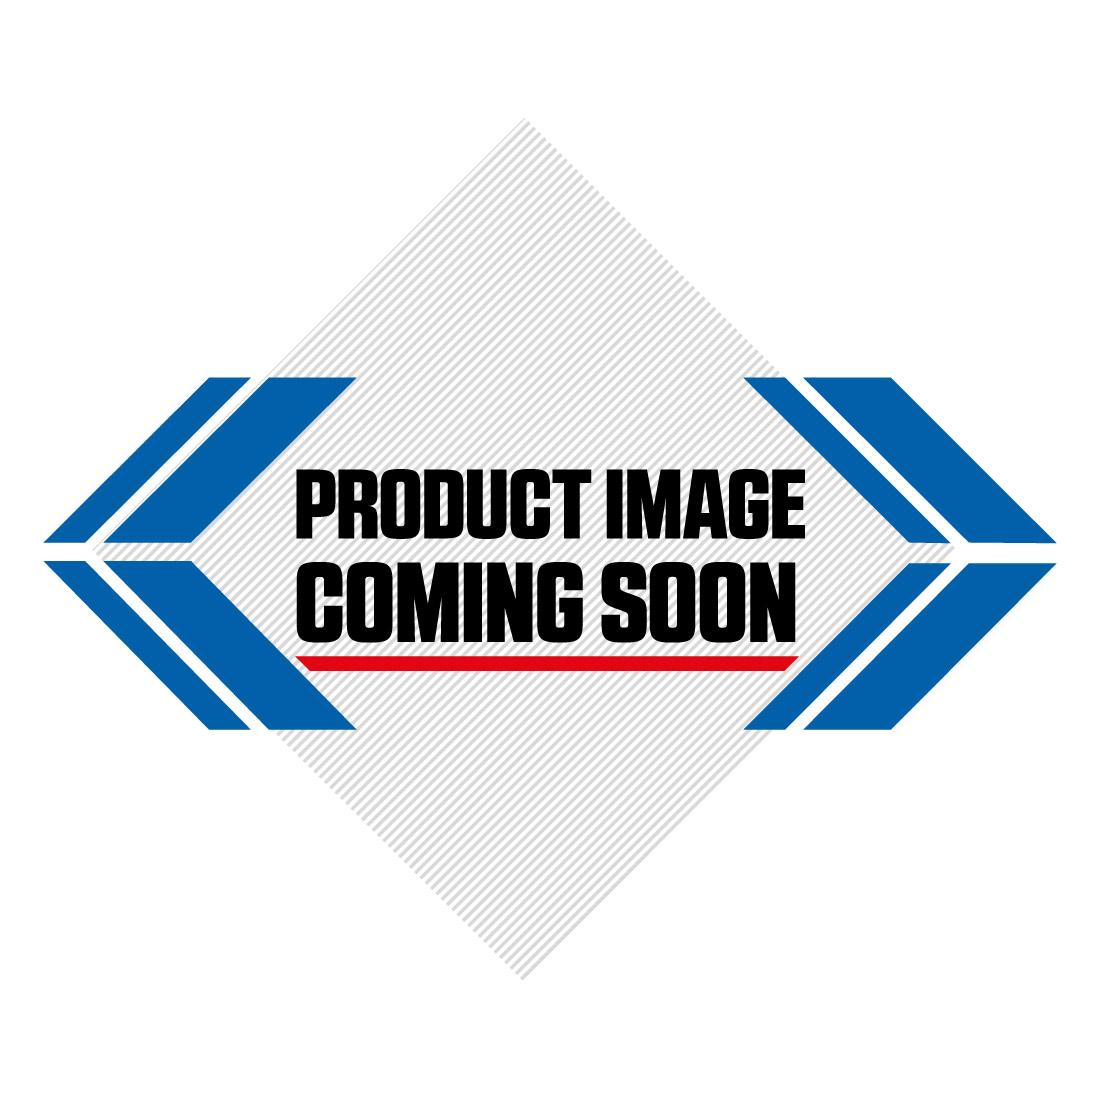 UFO Honda Plastic Kit CRF 110F (19-21) OEM Factory Image-0